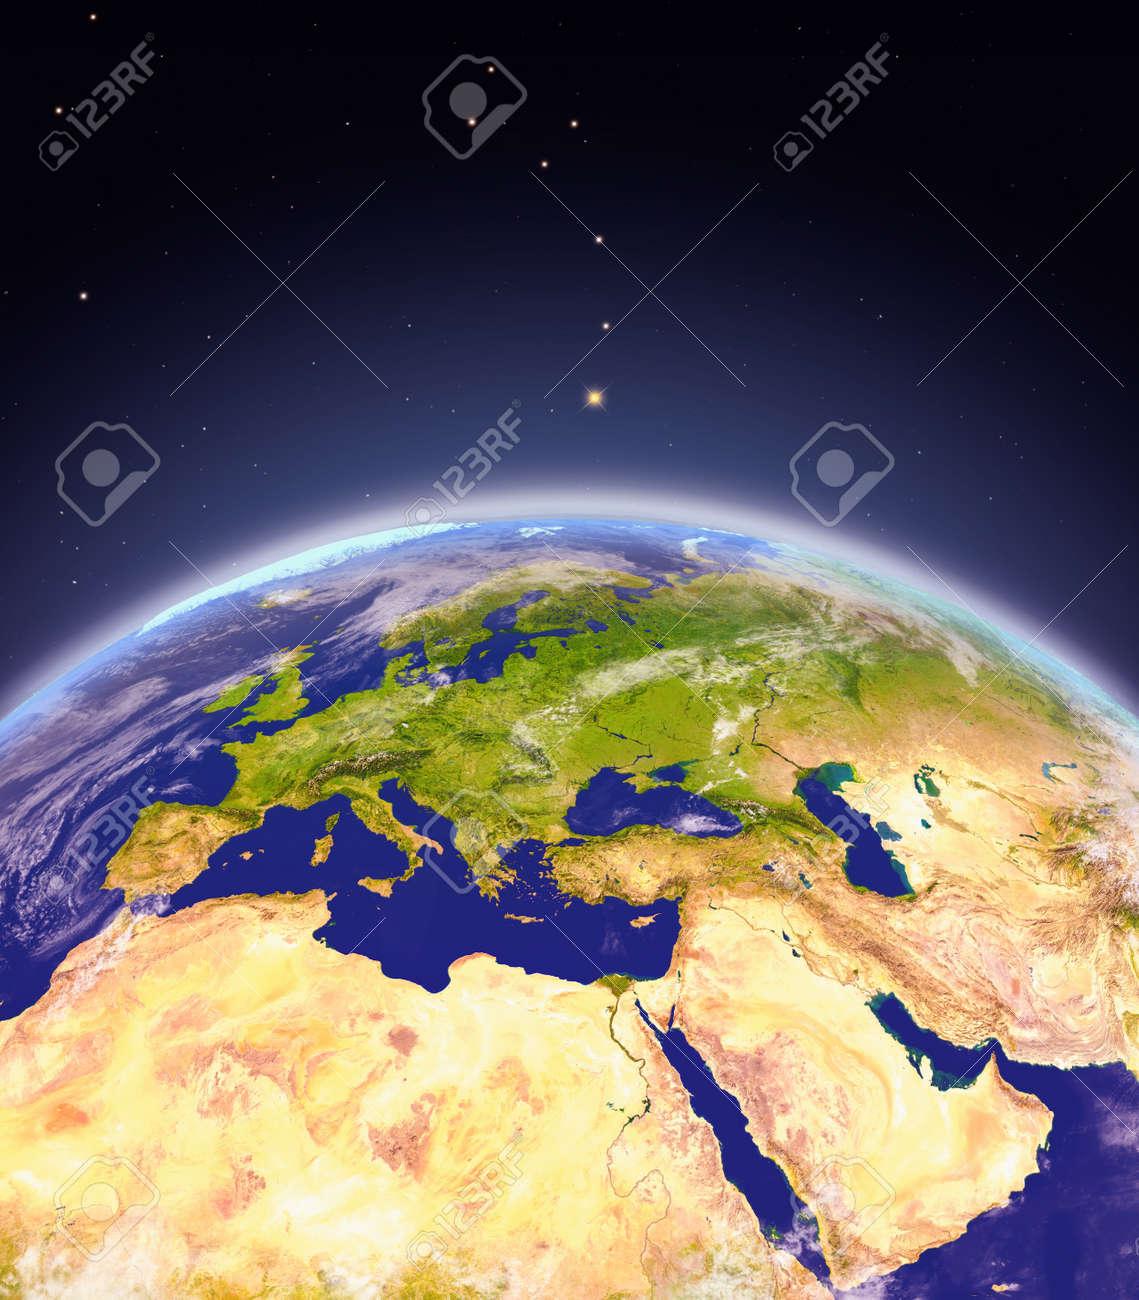 Vista Satelital De La Región Emea En El Planeta Tierra Ilustración